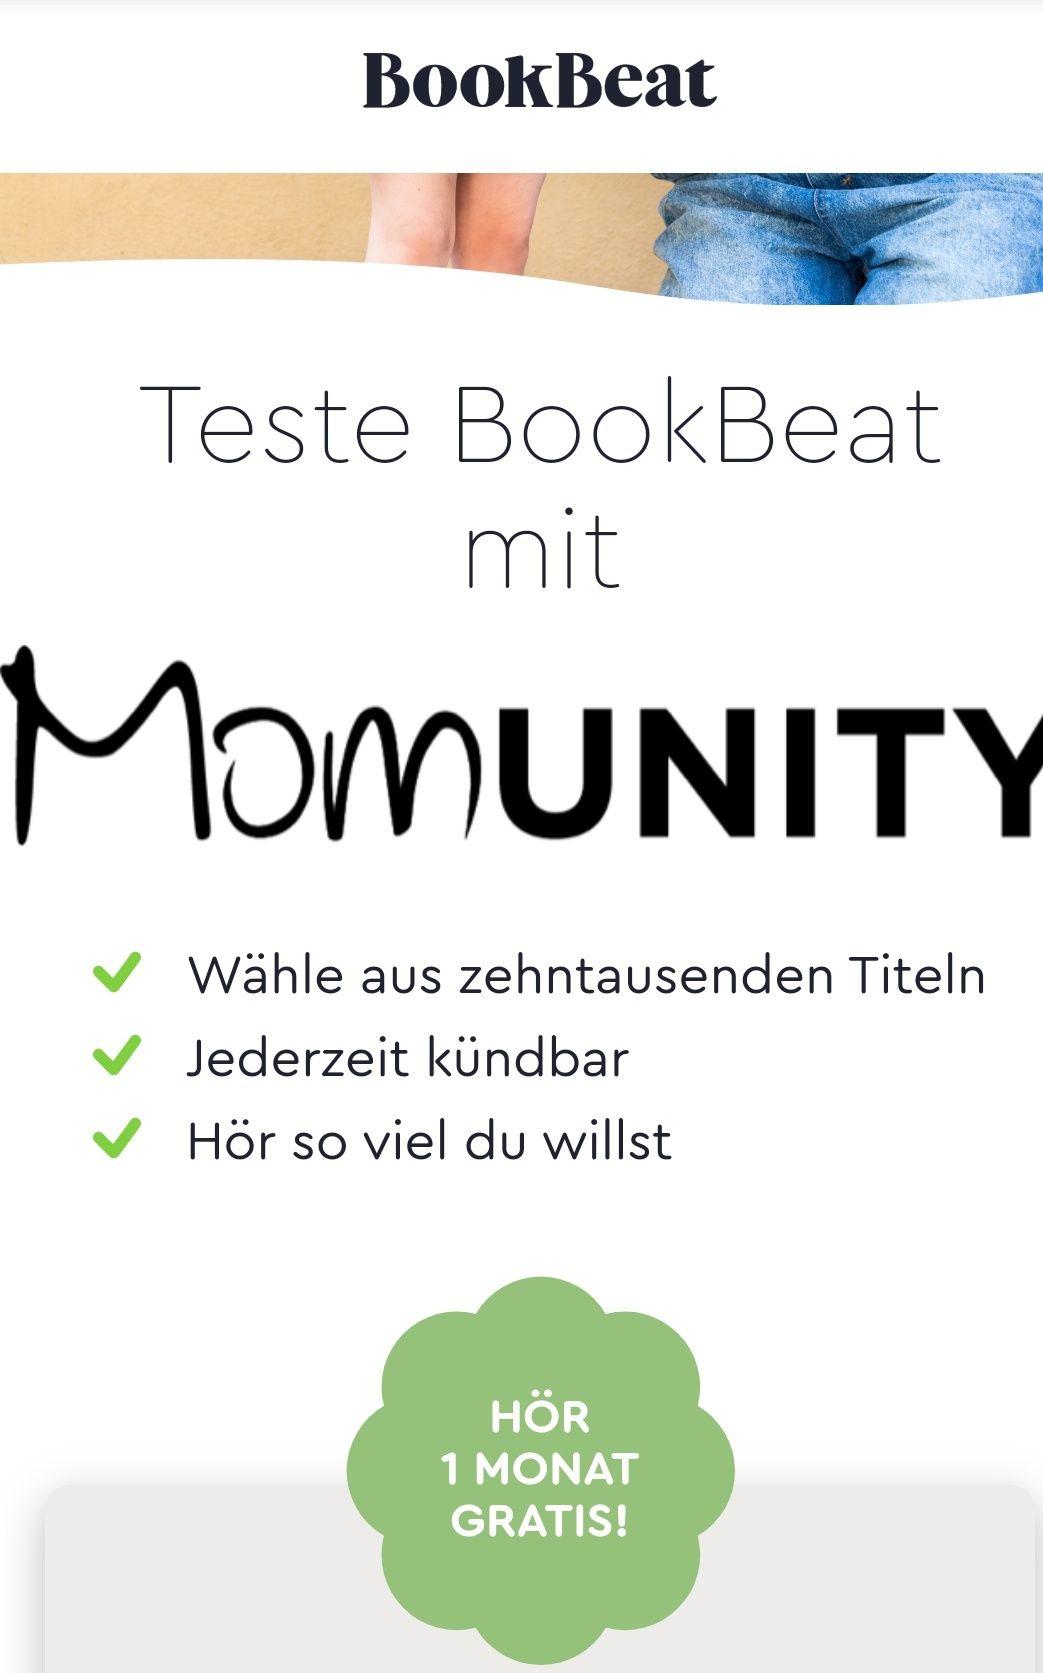 [Bookbeat App] Einen Monat lang unbegrenzt Hörbücher hören